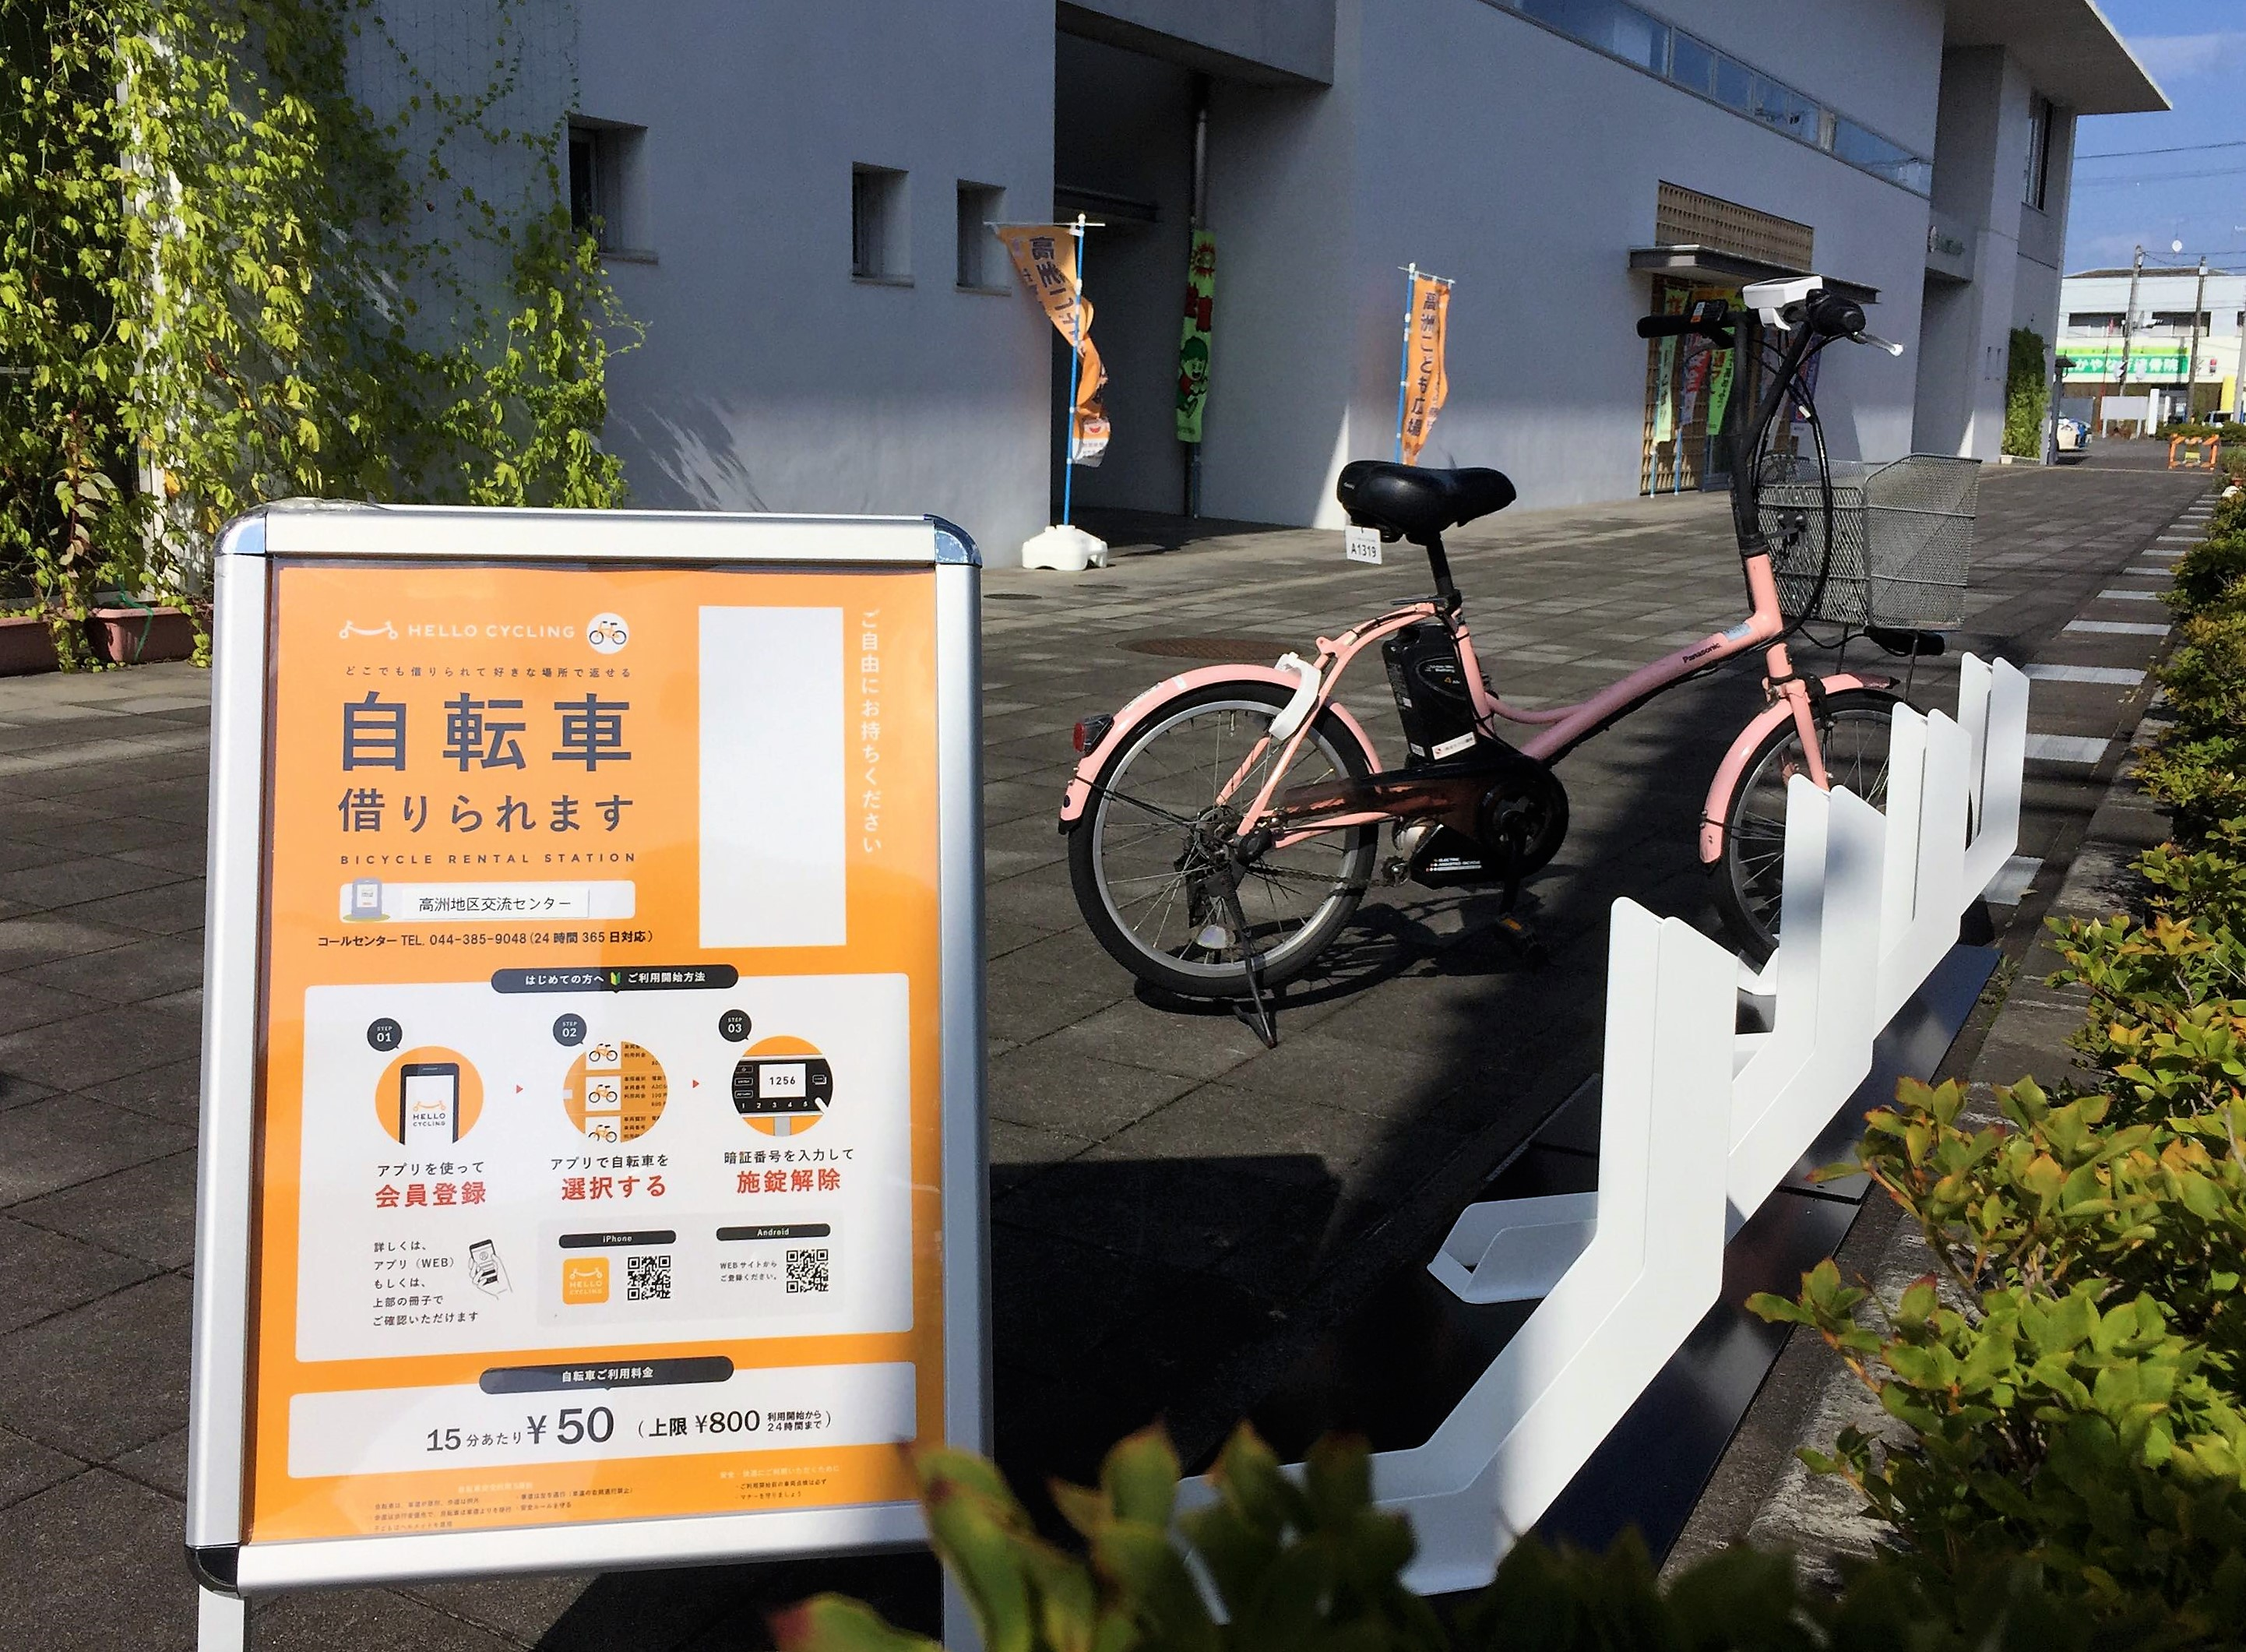 高洲地区交流センター (HELLO CYCLING ポート) image